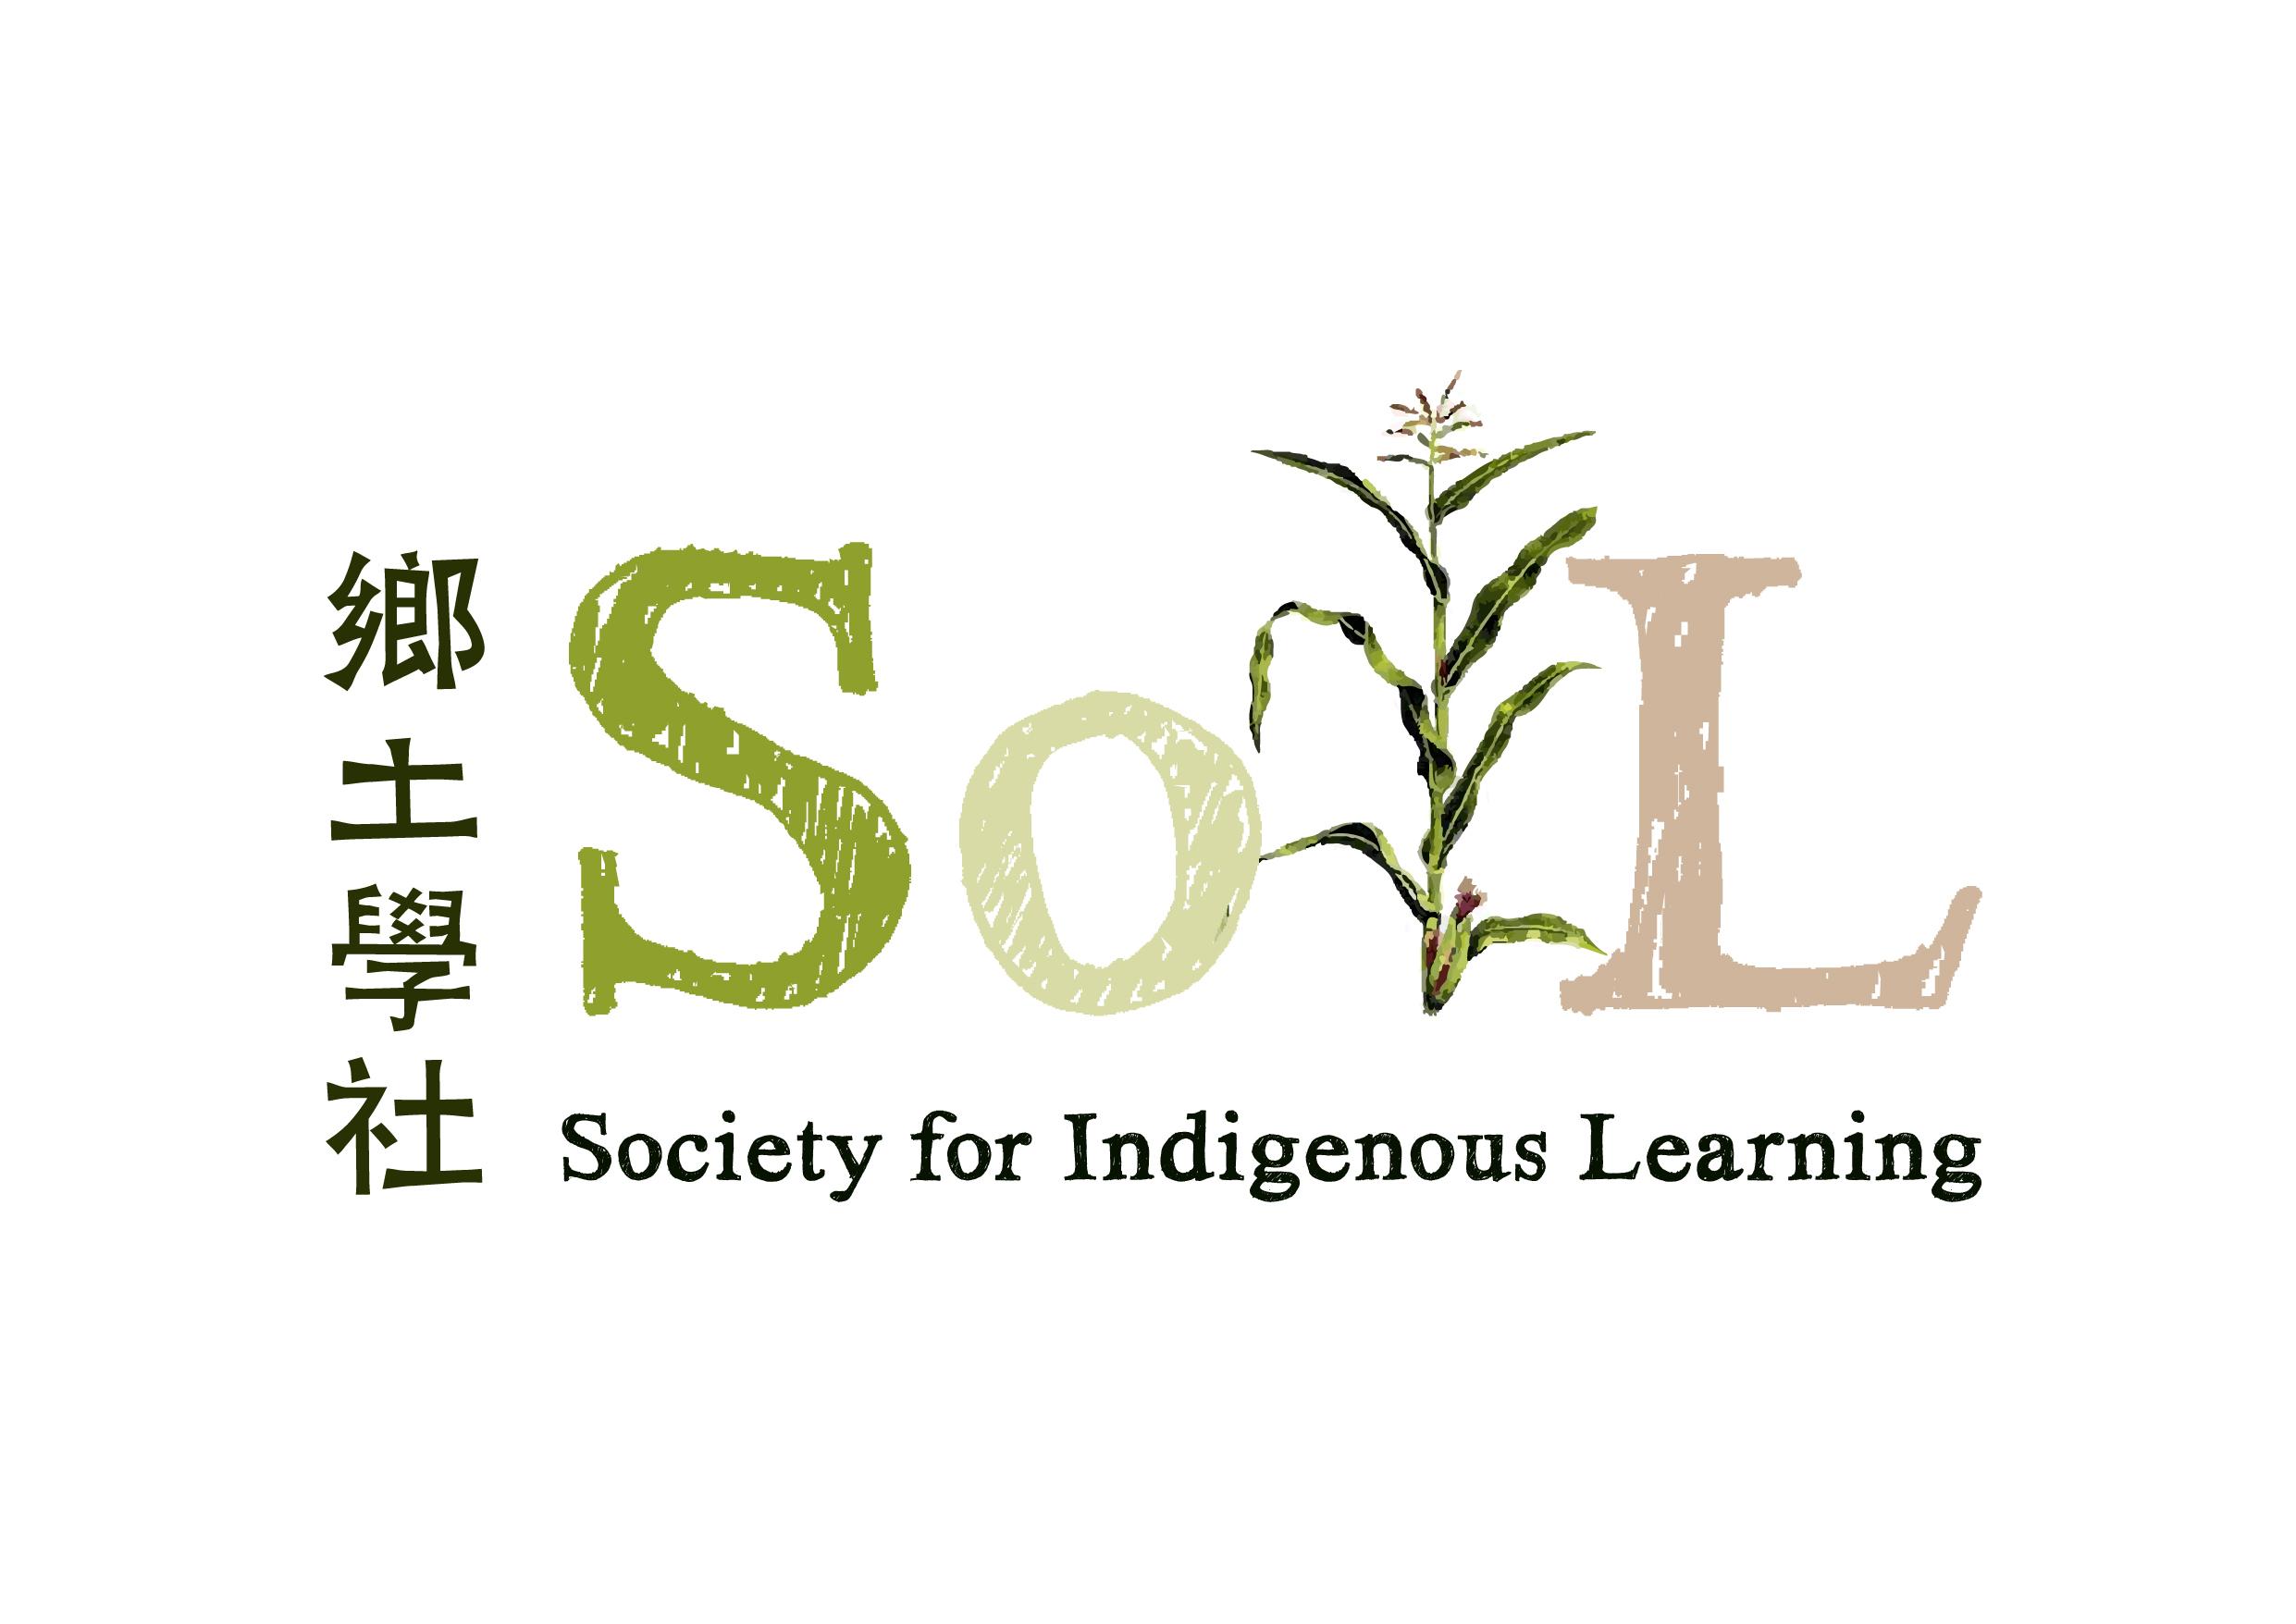 LOGO DESIGN FOR 'SOIL' - 2012